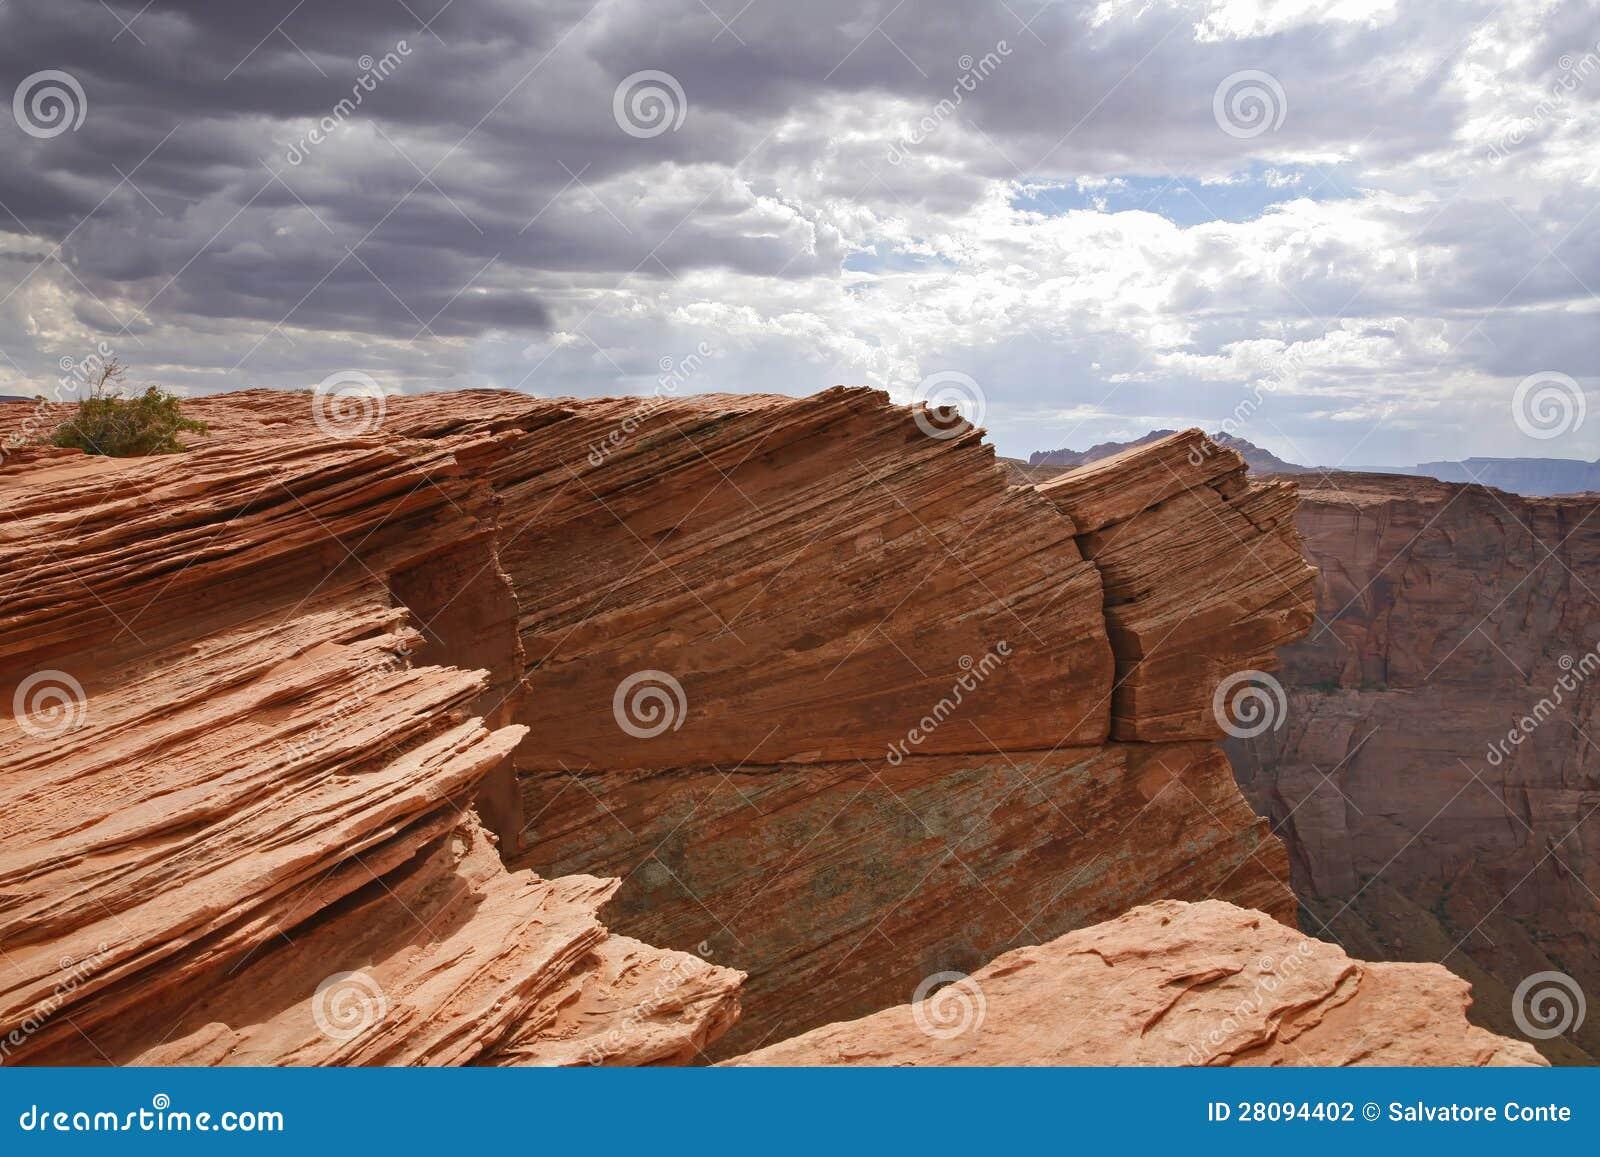 Desierto rojo y cielo nublado, paginación - Arizona